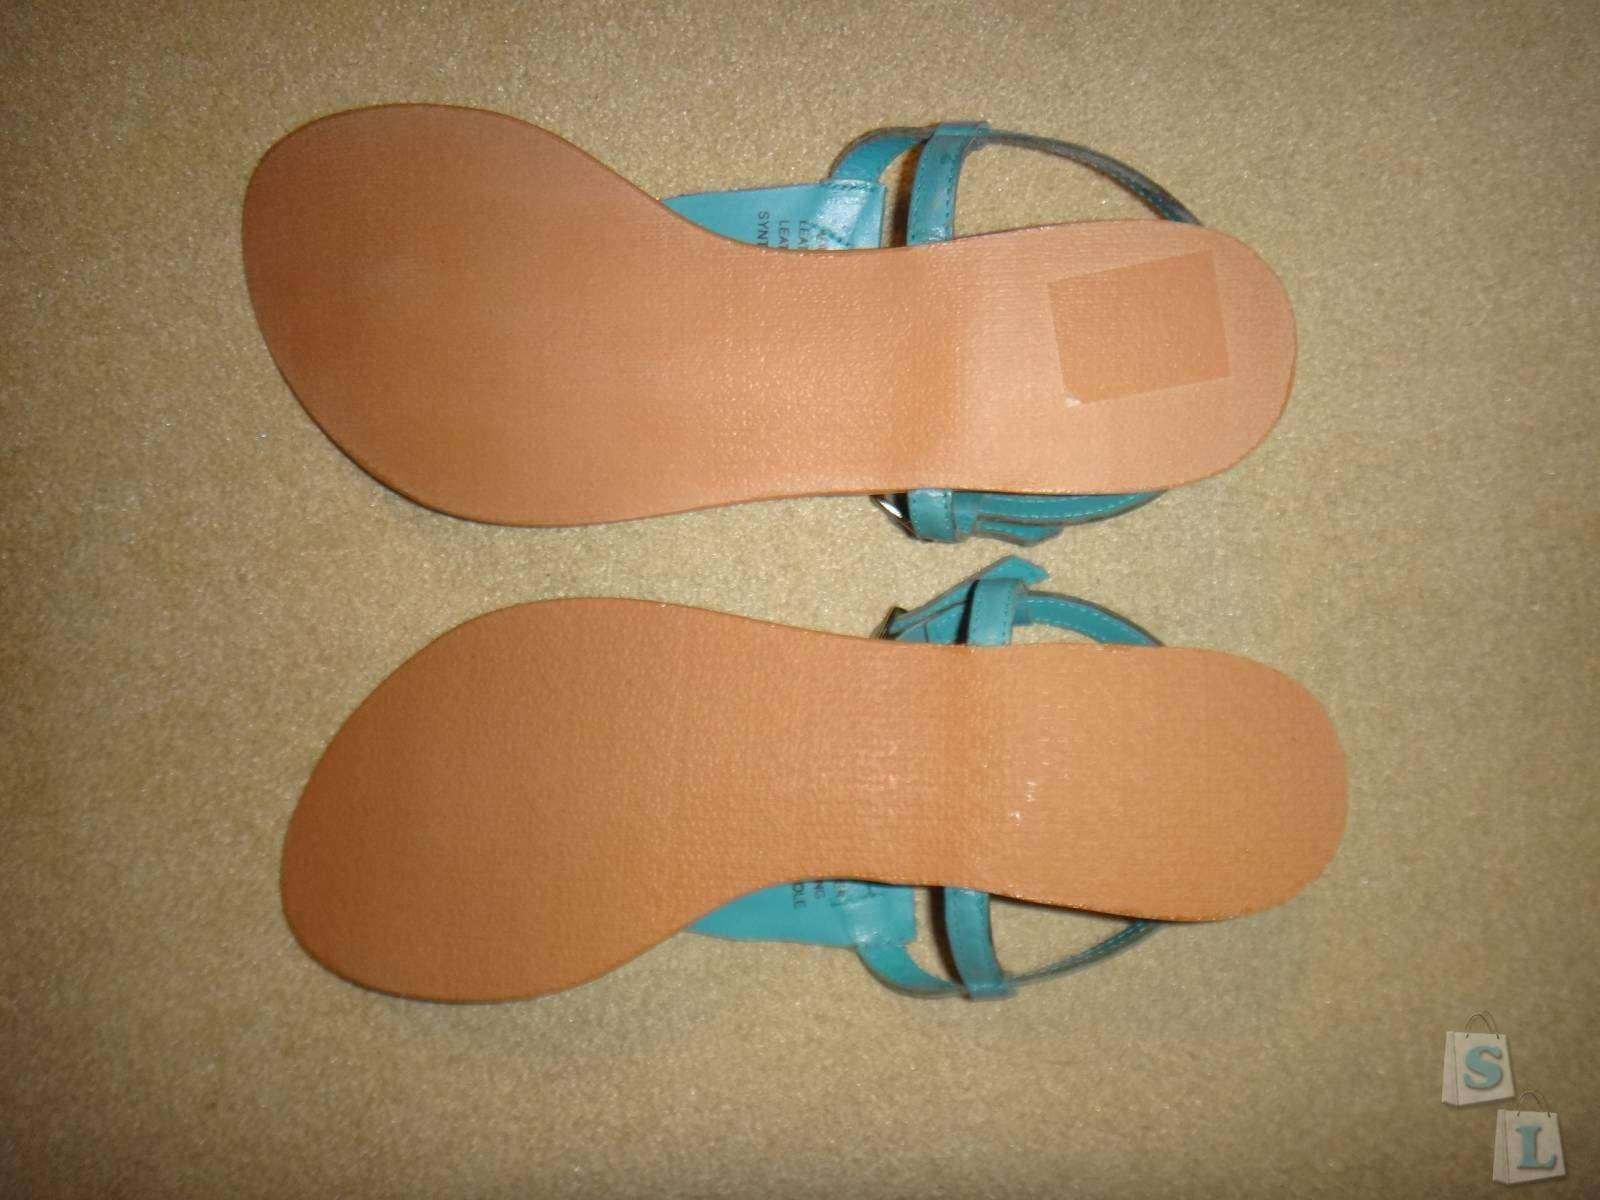 Обзор летних женских сандалий купленных на распродаже с сайта 6pm TM Coconuts by Matisse Valencia